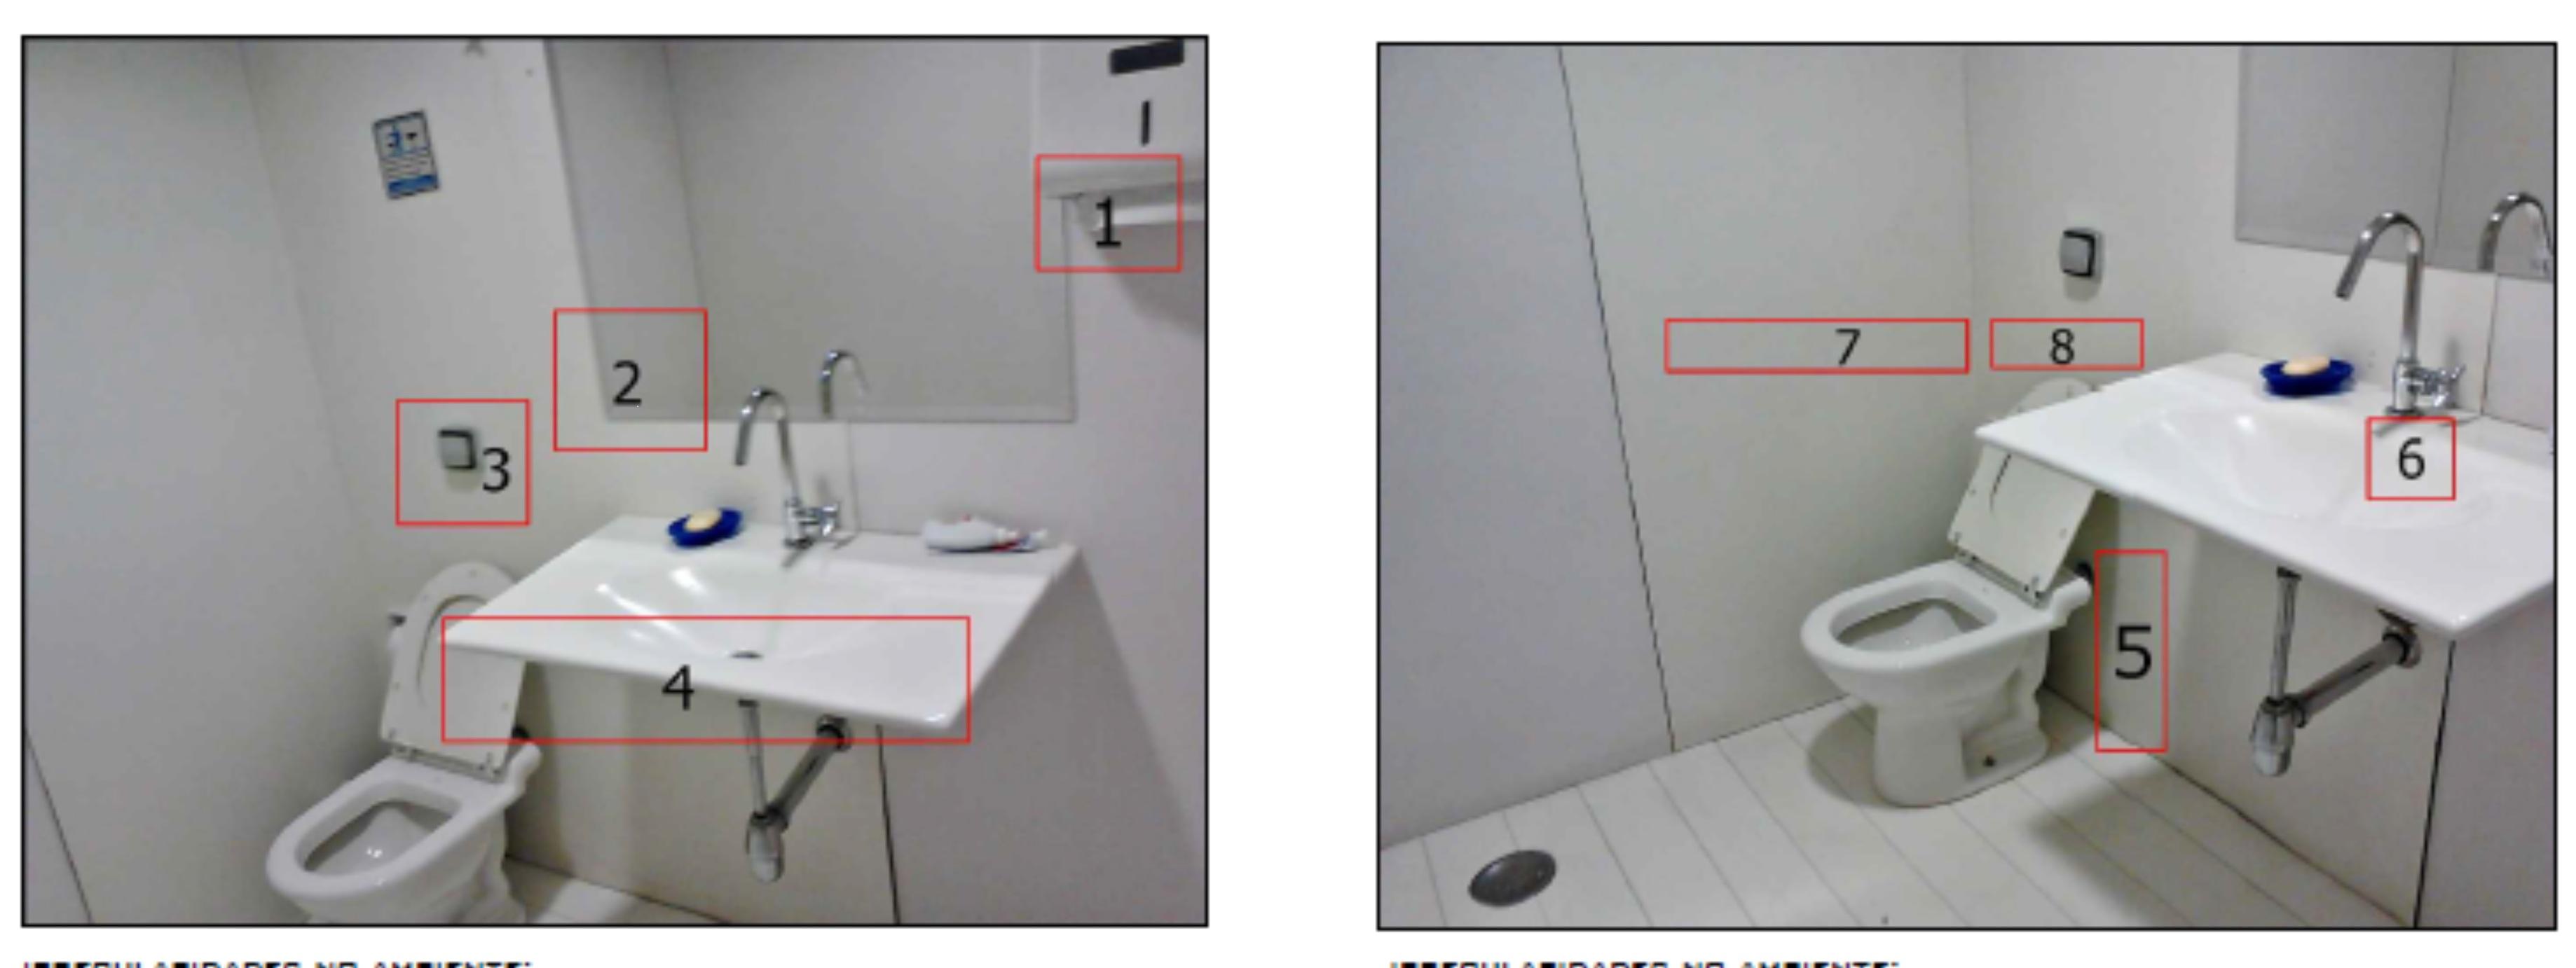 Projeto de adaptação de um banheiro: adequação à NBR9050  #814B4A 3676 1382